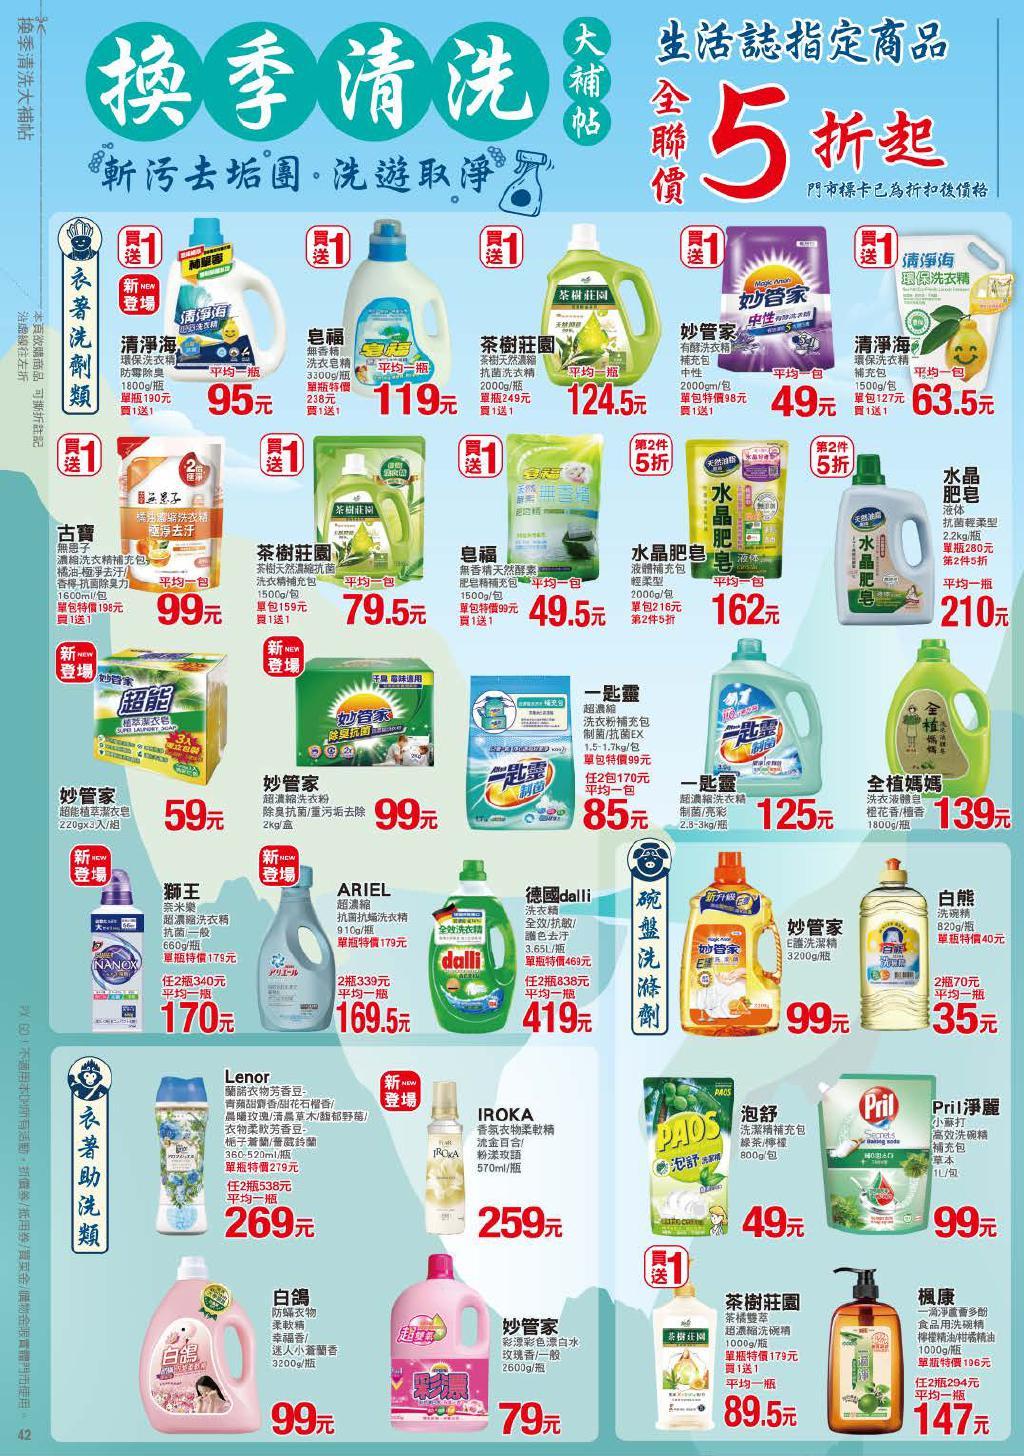 pxmart20201119_000042.jpg